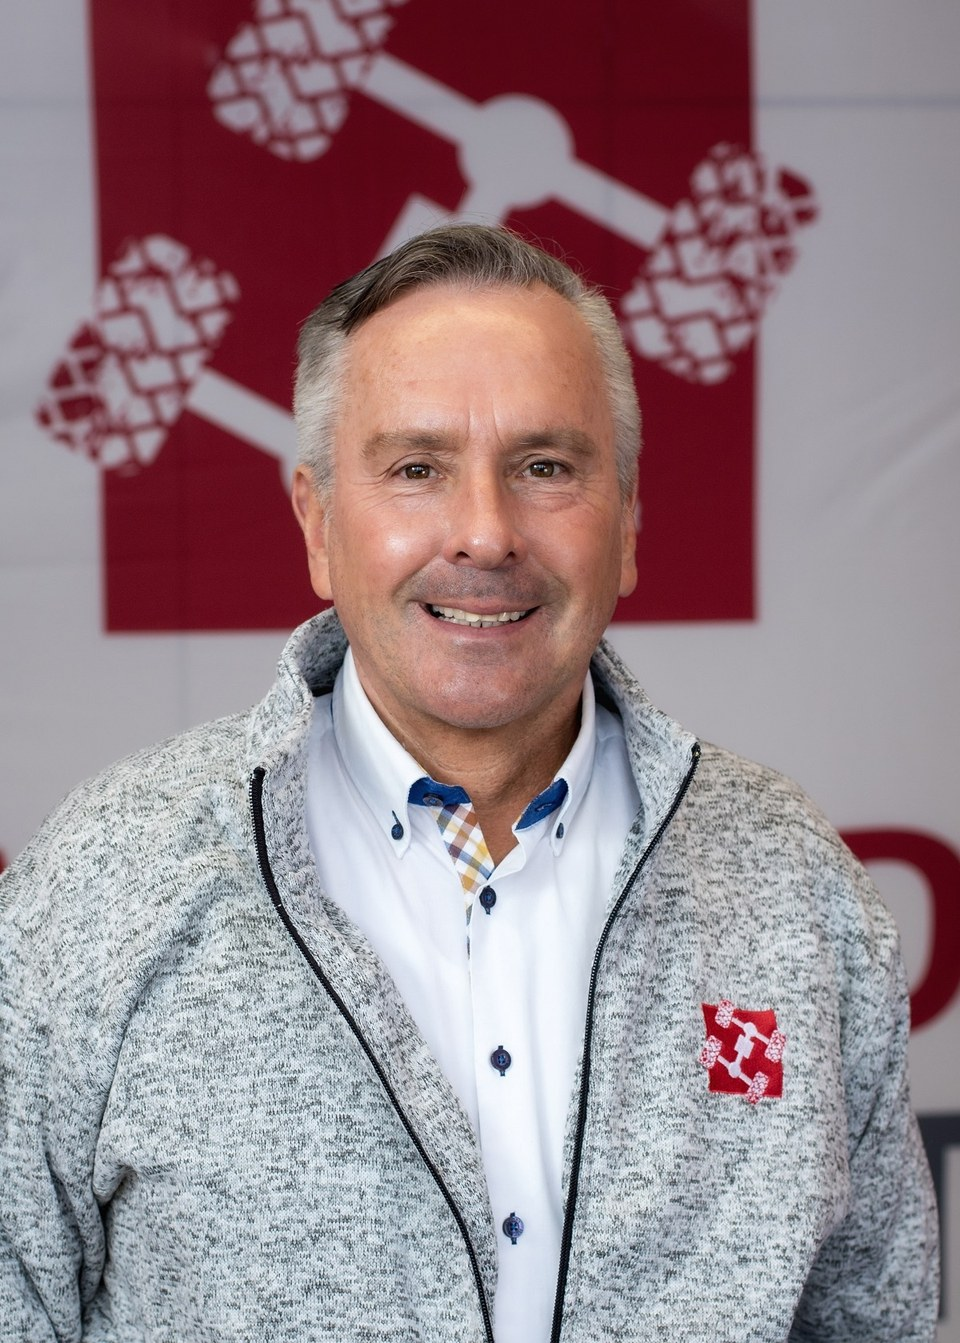 Verkauf - Allrad-Schmitt GmbH